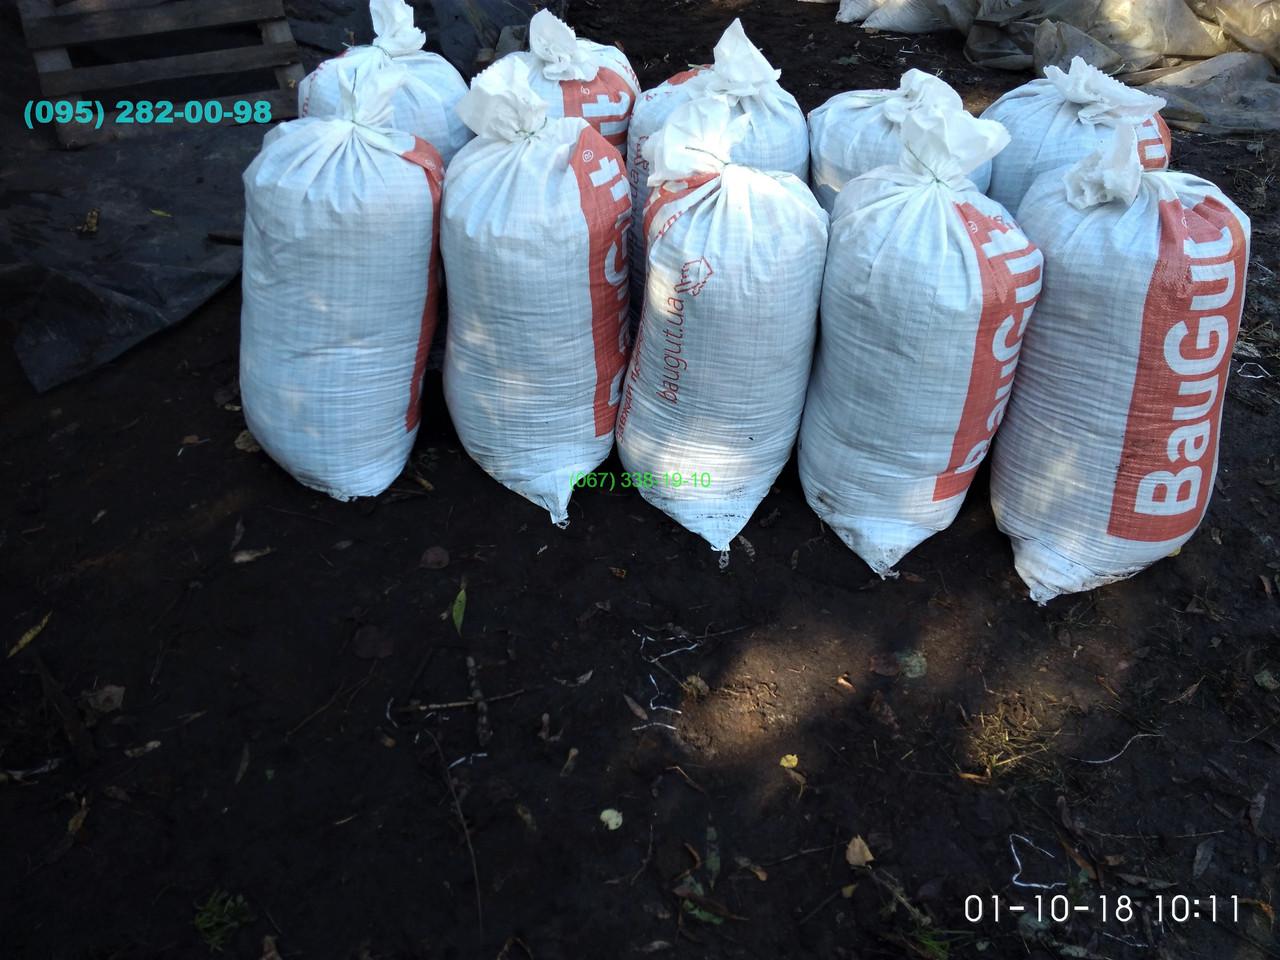 Чернозем в мешках  Киев Святошино Борщаговка Почва Грунт в мешках